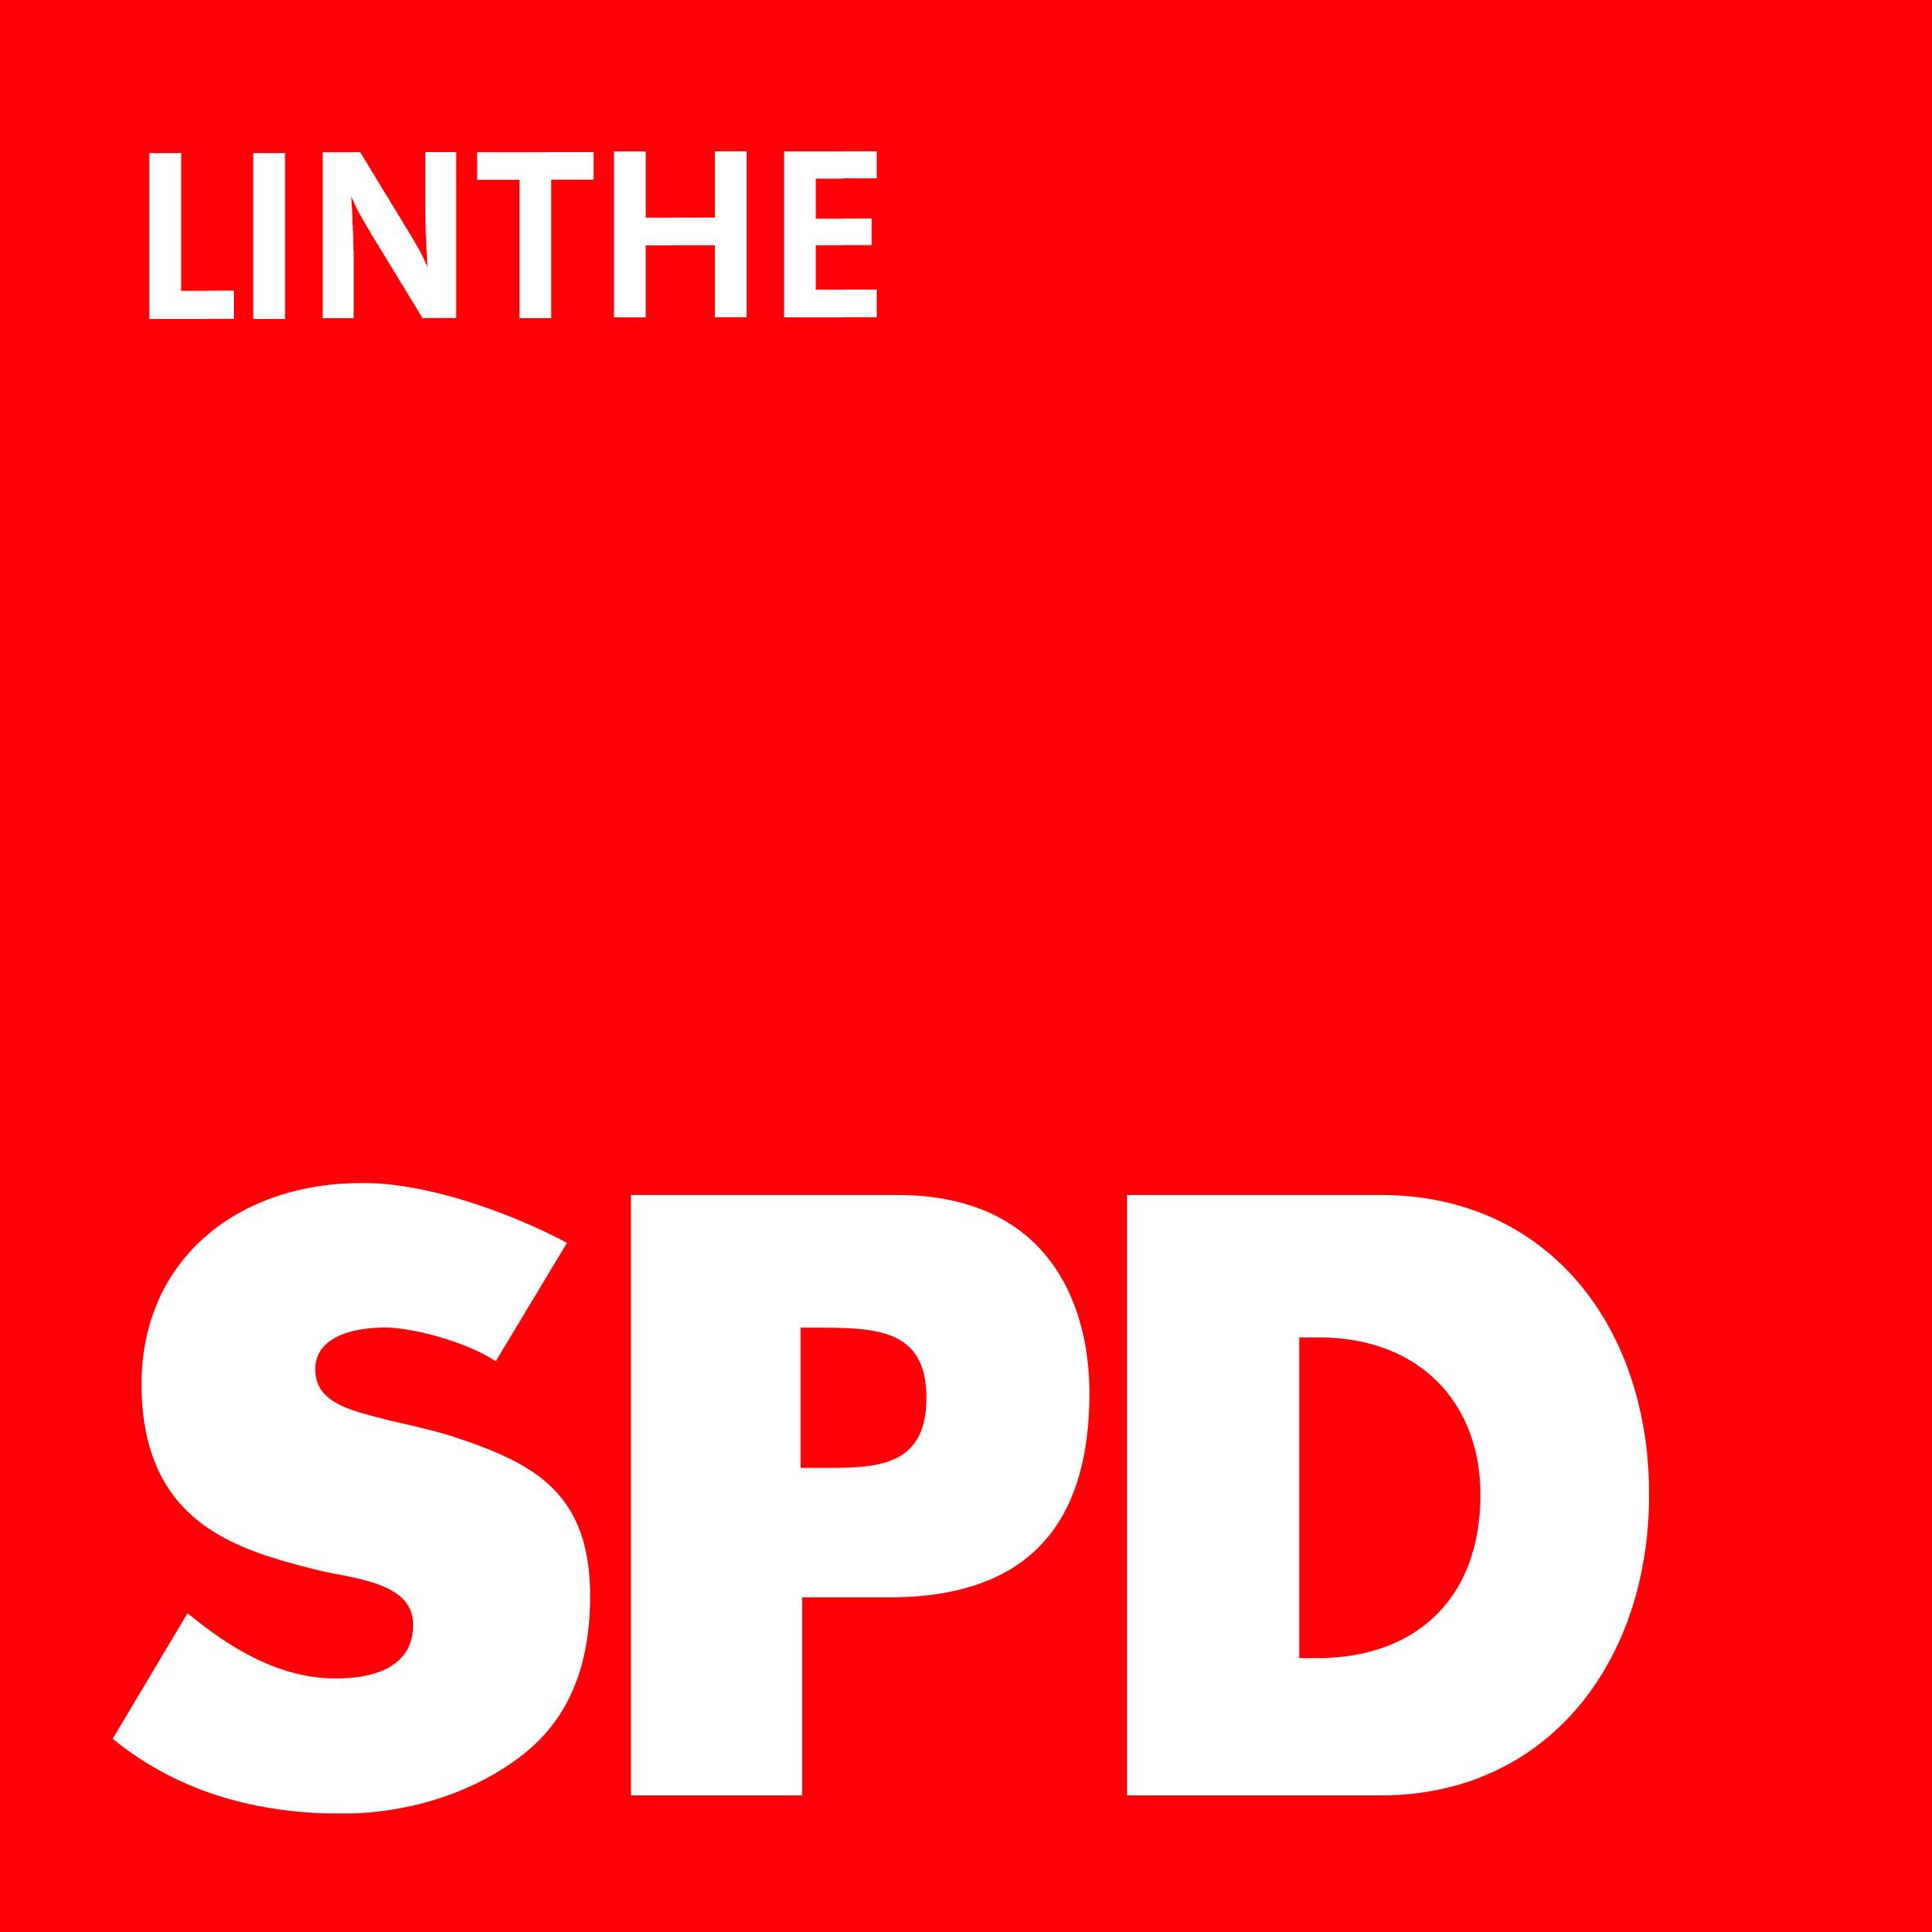 SPD Linthe